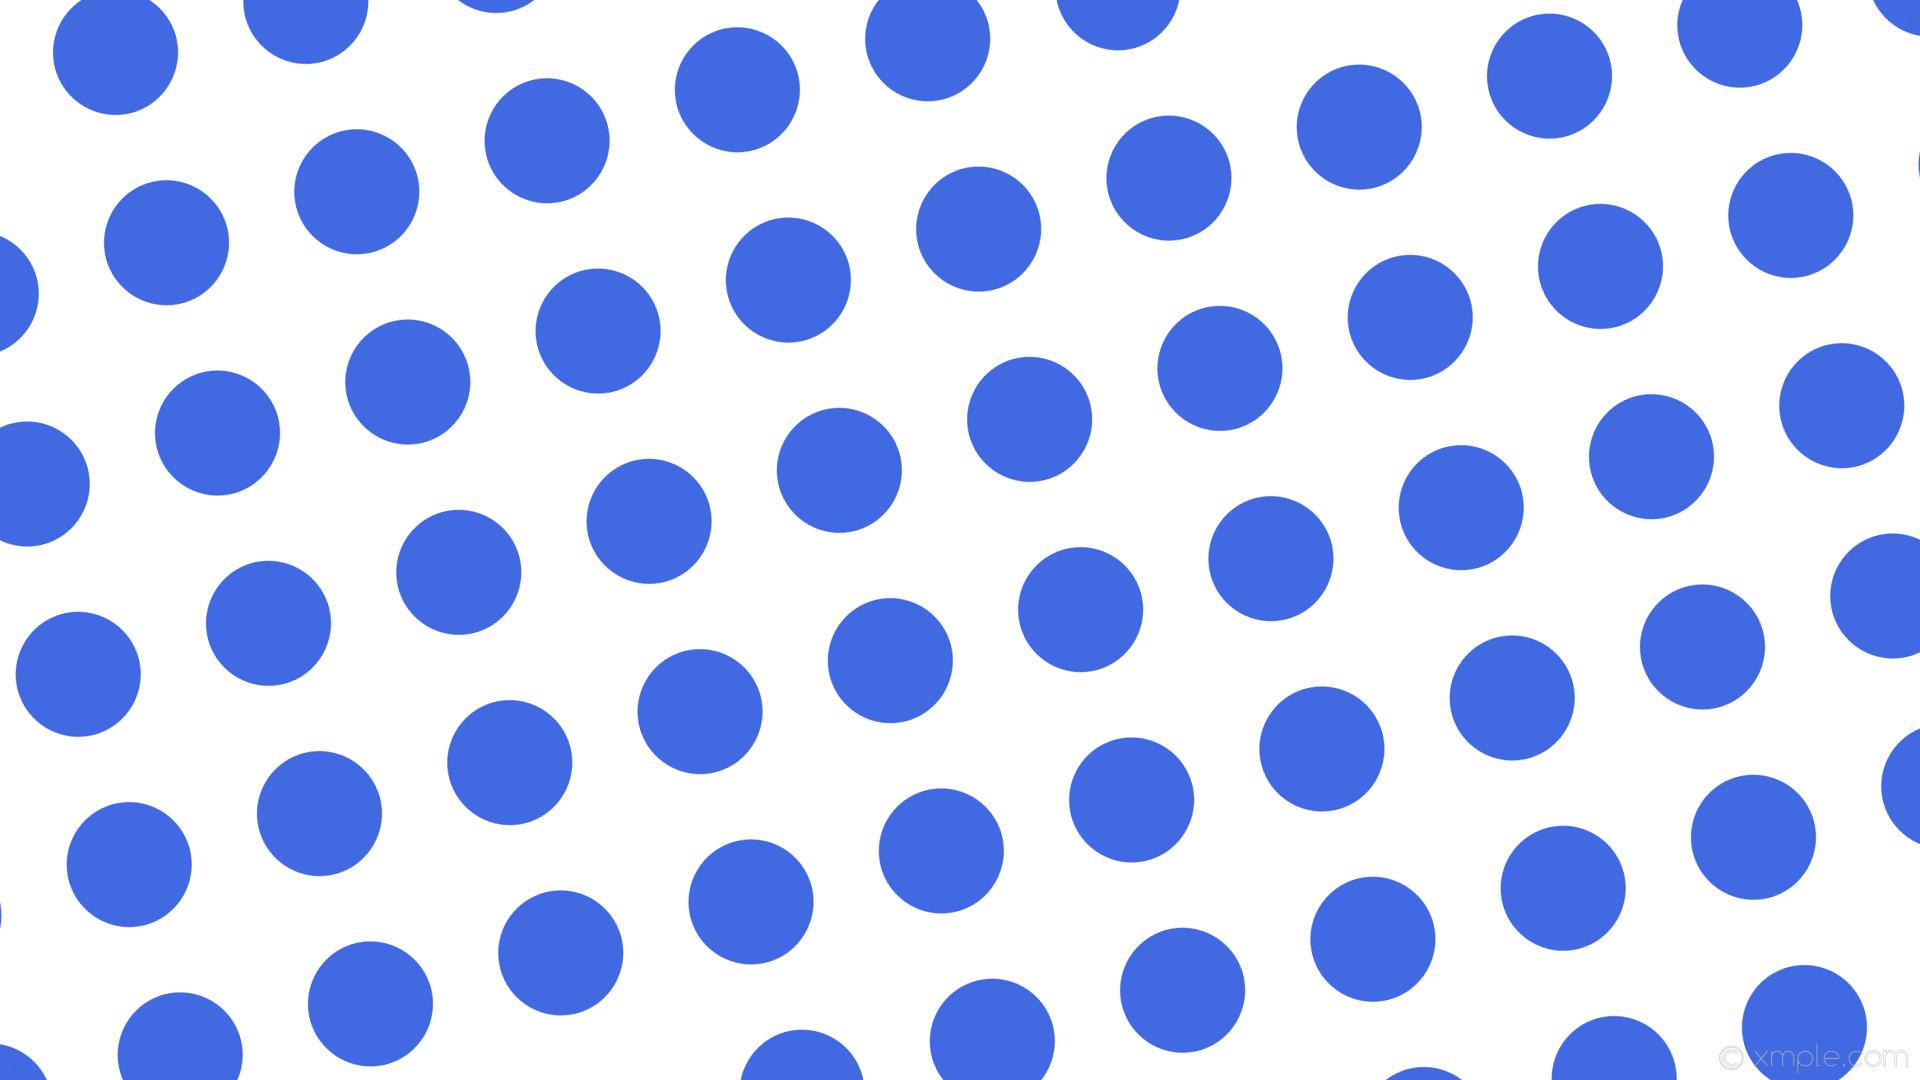 wallpaper white polka dots blue spots royal blue #ffffff #4169e1 105° 125px  197px